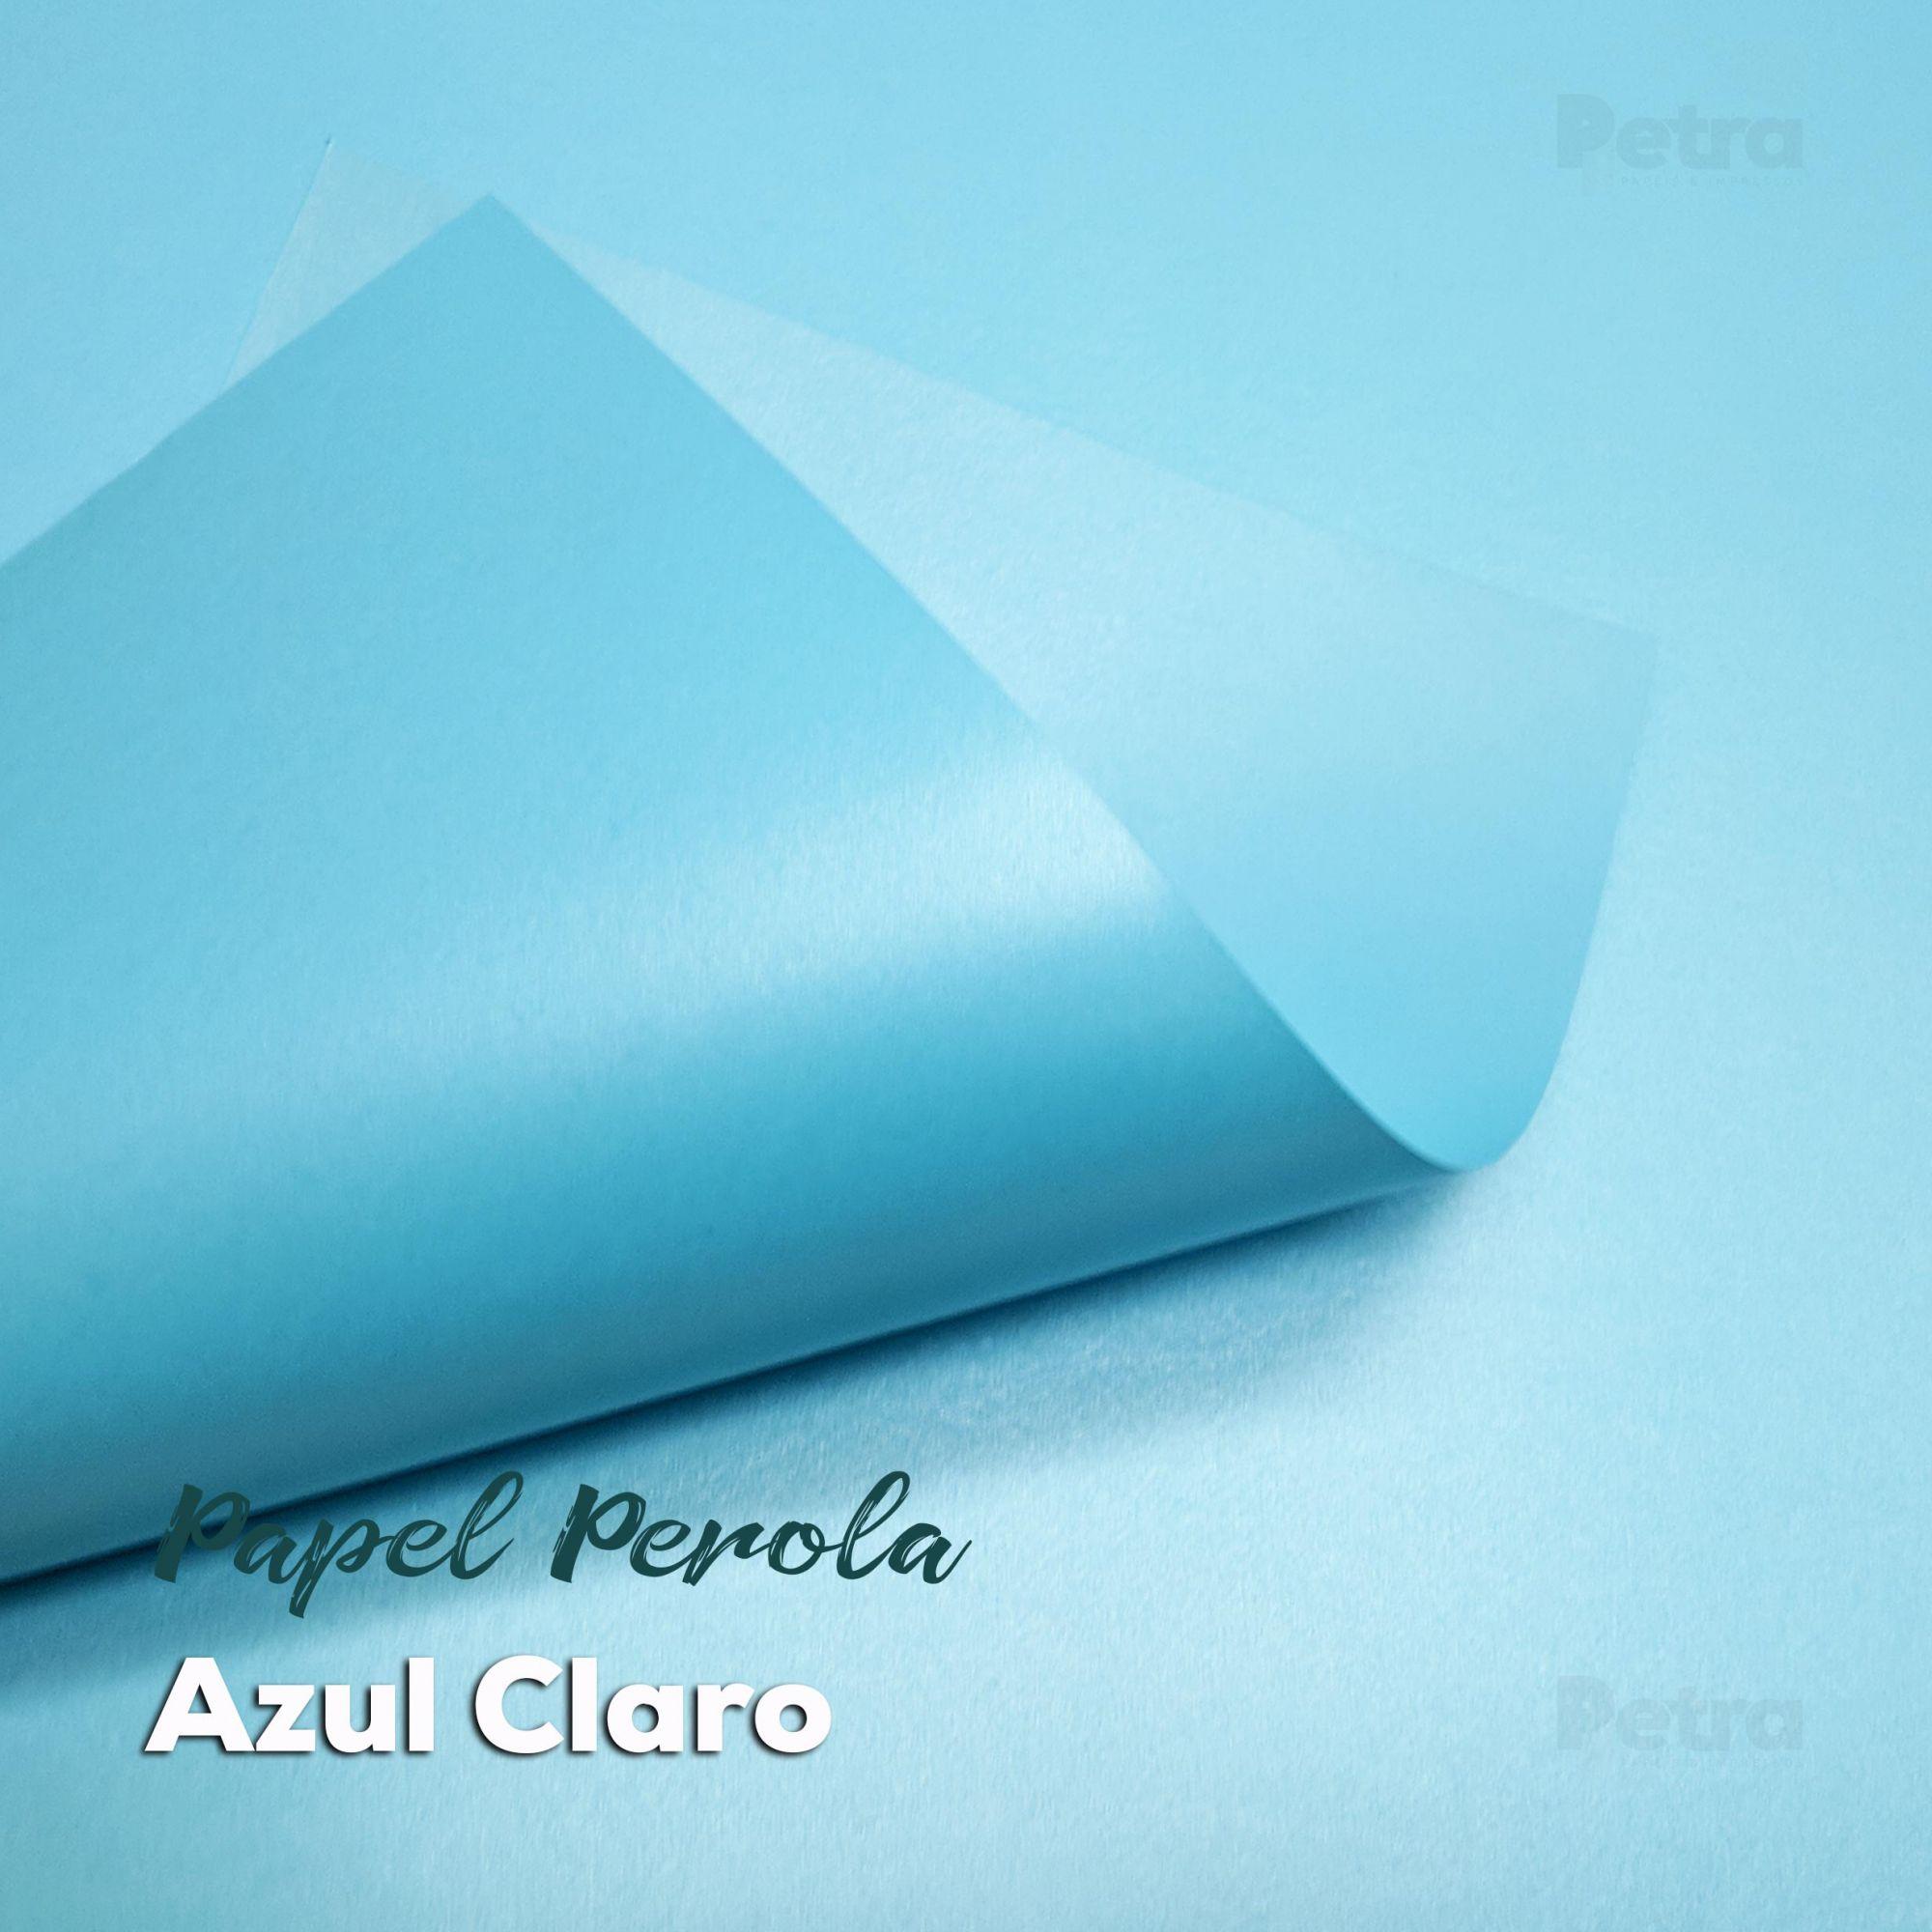 Papel Pérola Azul Claro Tam: 66x96cm 240g/m²  com 10 folhas